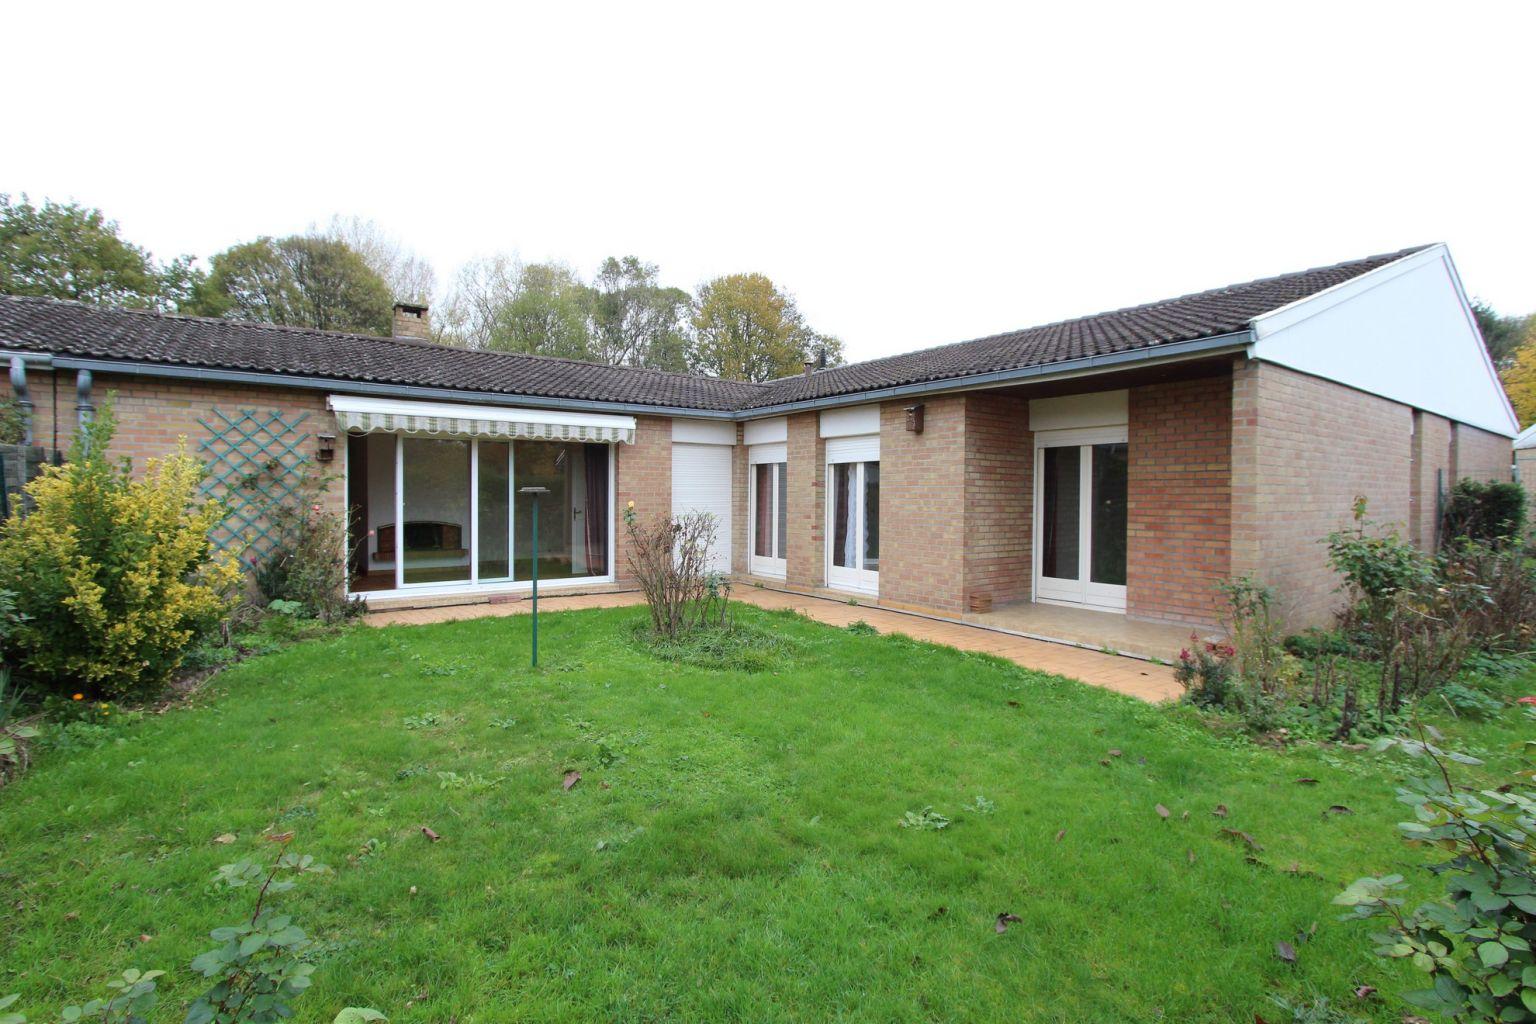 Ventes maison vendu maison villeneuve d 39 ascq for Piscine villeneuve d ascq